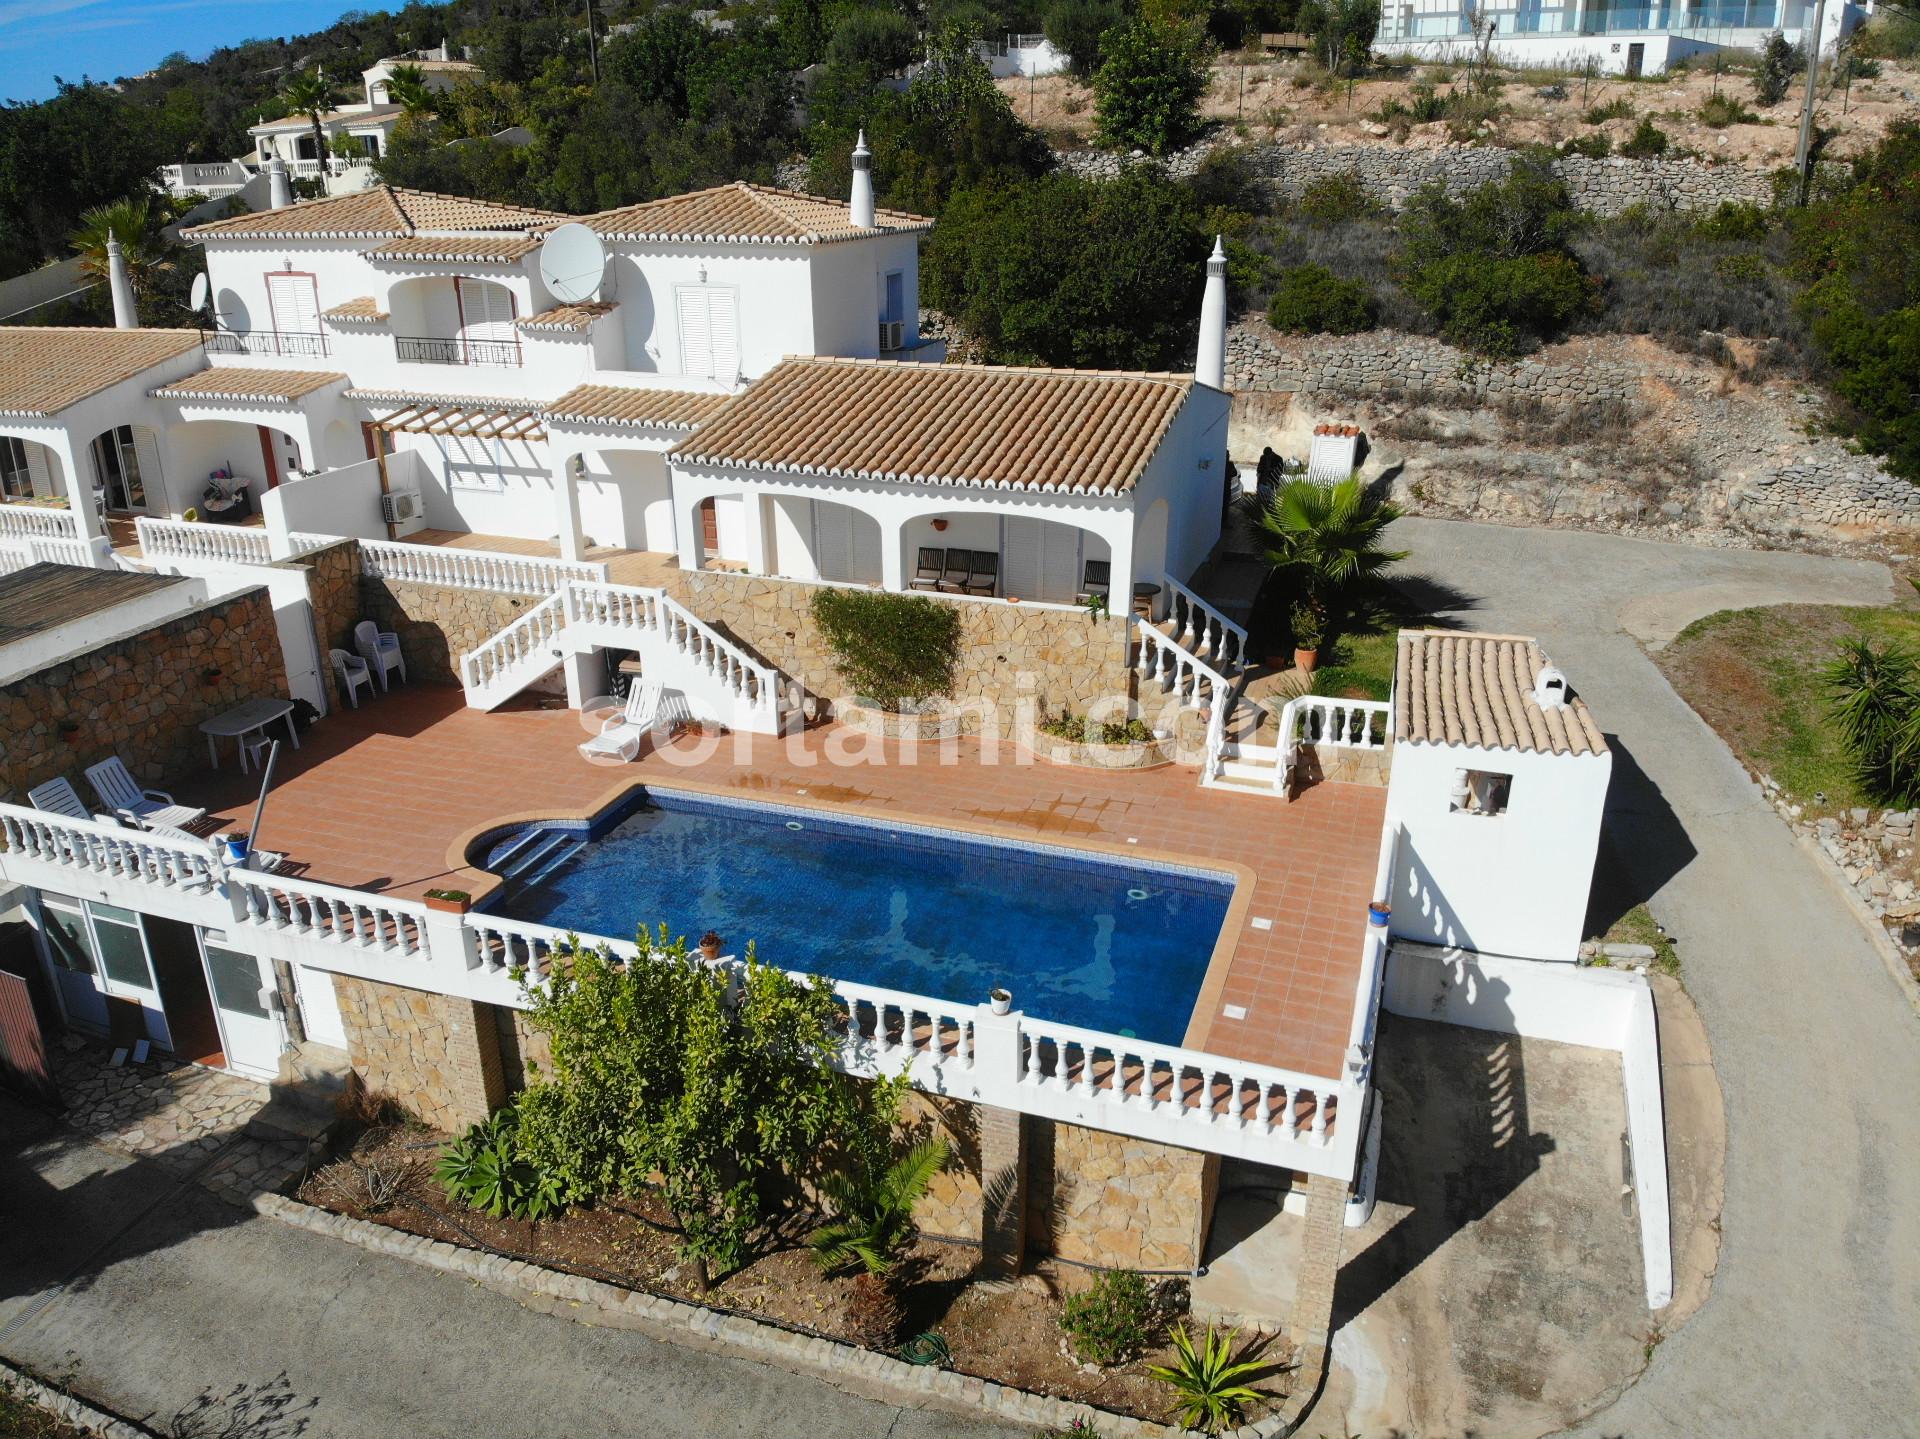 Semi-detached house T3 Algarve, Sao Bras de Alportel